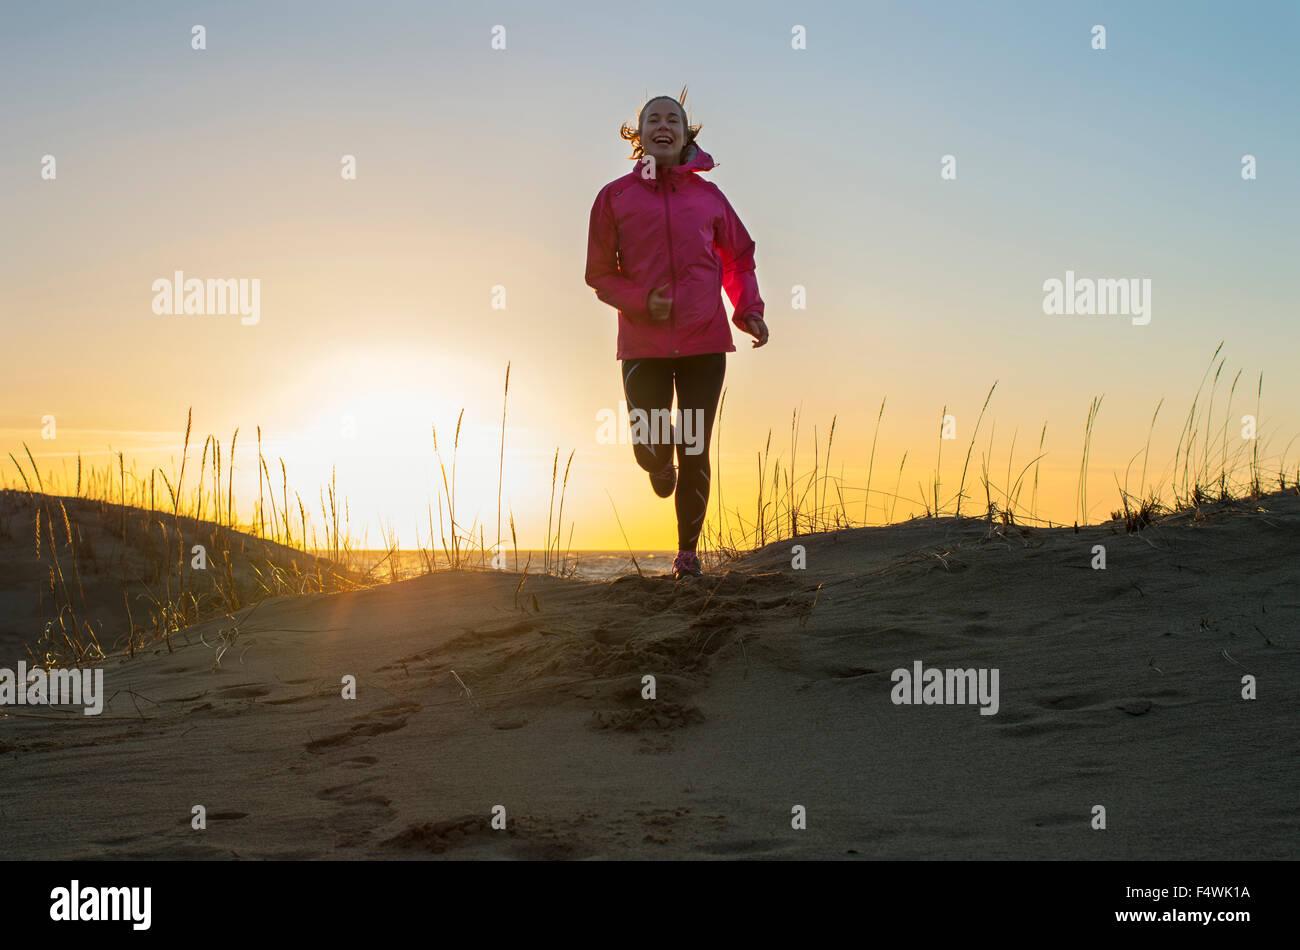 Finlandia, Pohjanmaa, Pietarsaari, Faboda, giovane donna jogging sulla spiaggia al tramonto Immagini Stock